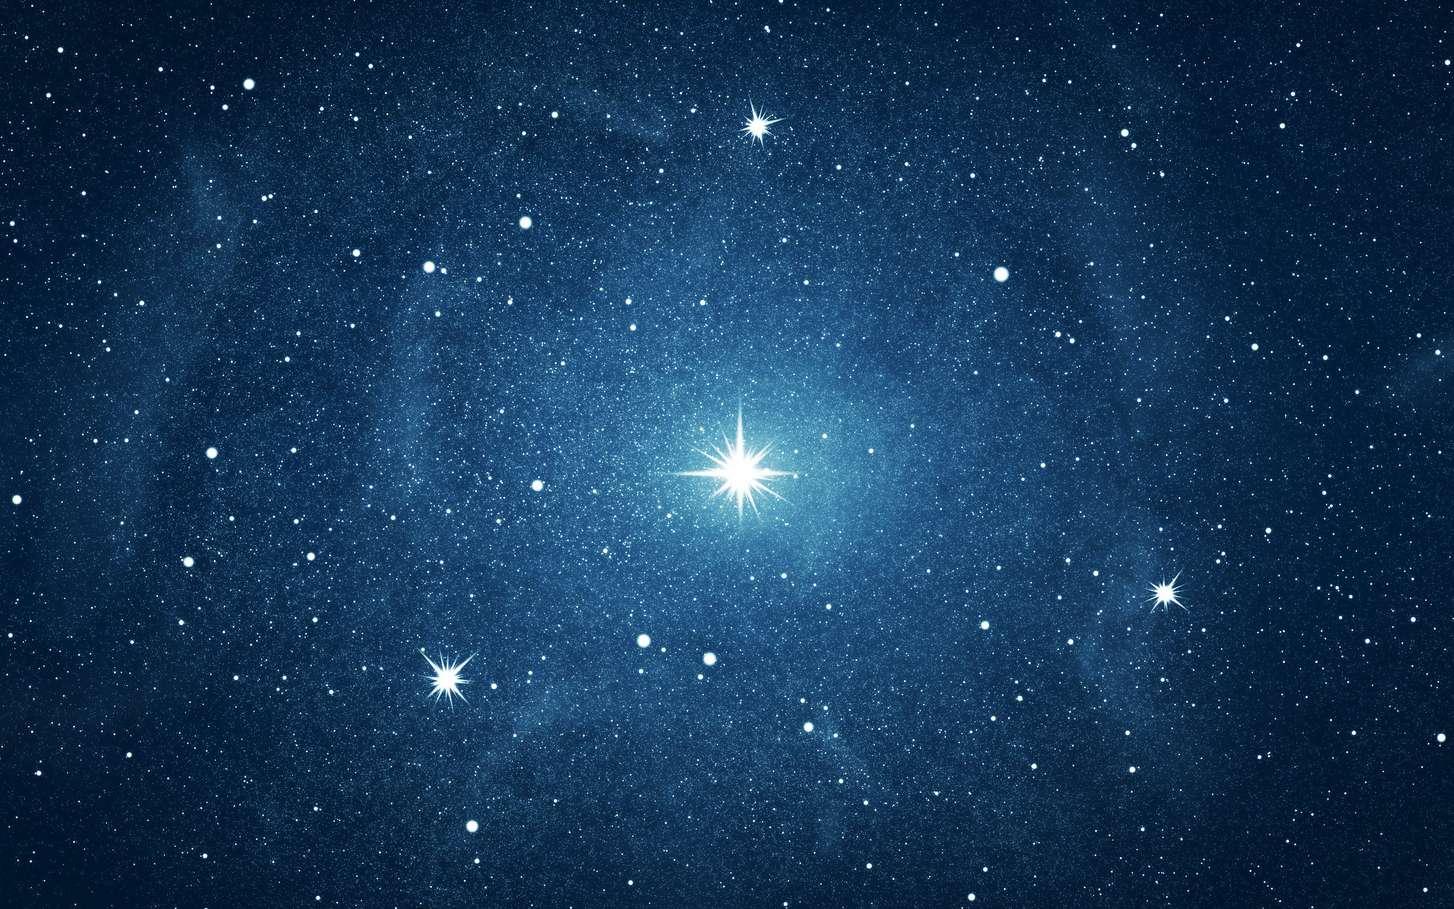 Certaines étoiles variables se révèlent à l'œil nu, mais la plupart ont été observées grâce à des instruments de plus en plus performants. © robert, fotolia